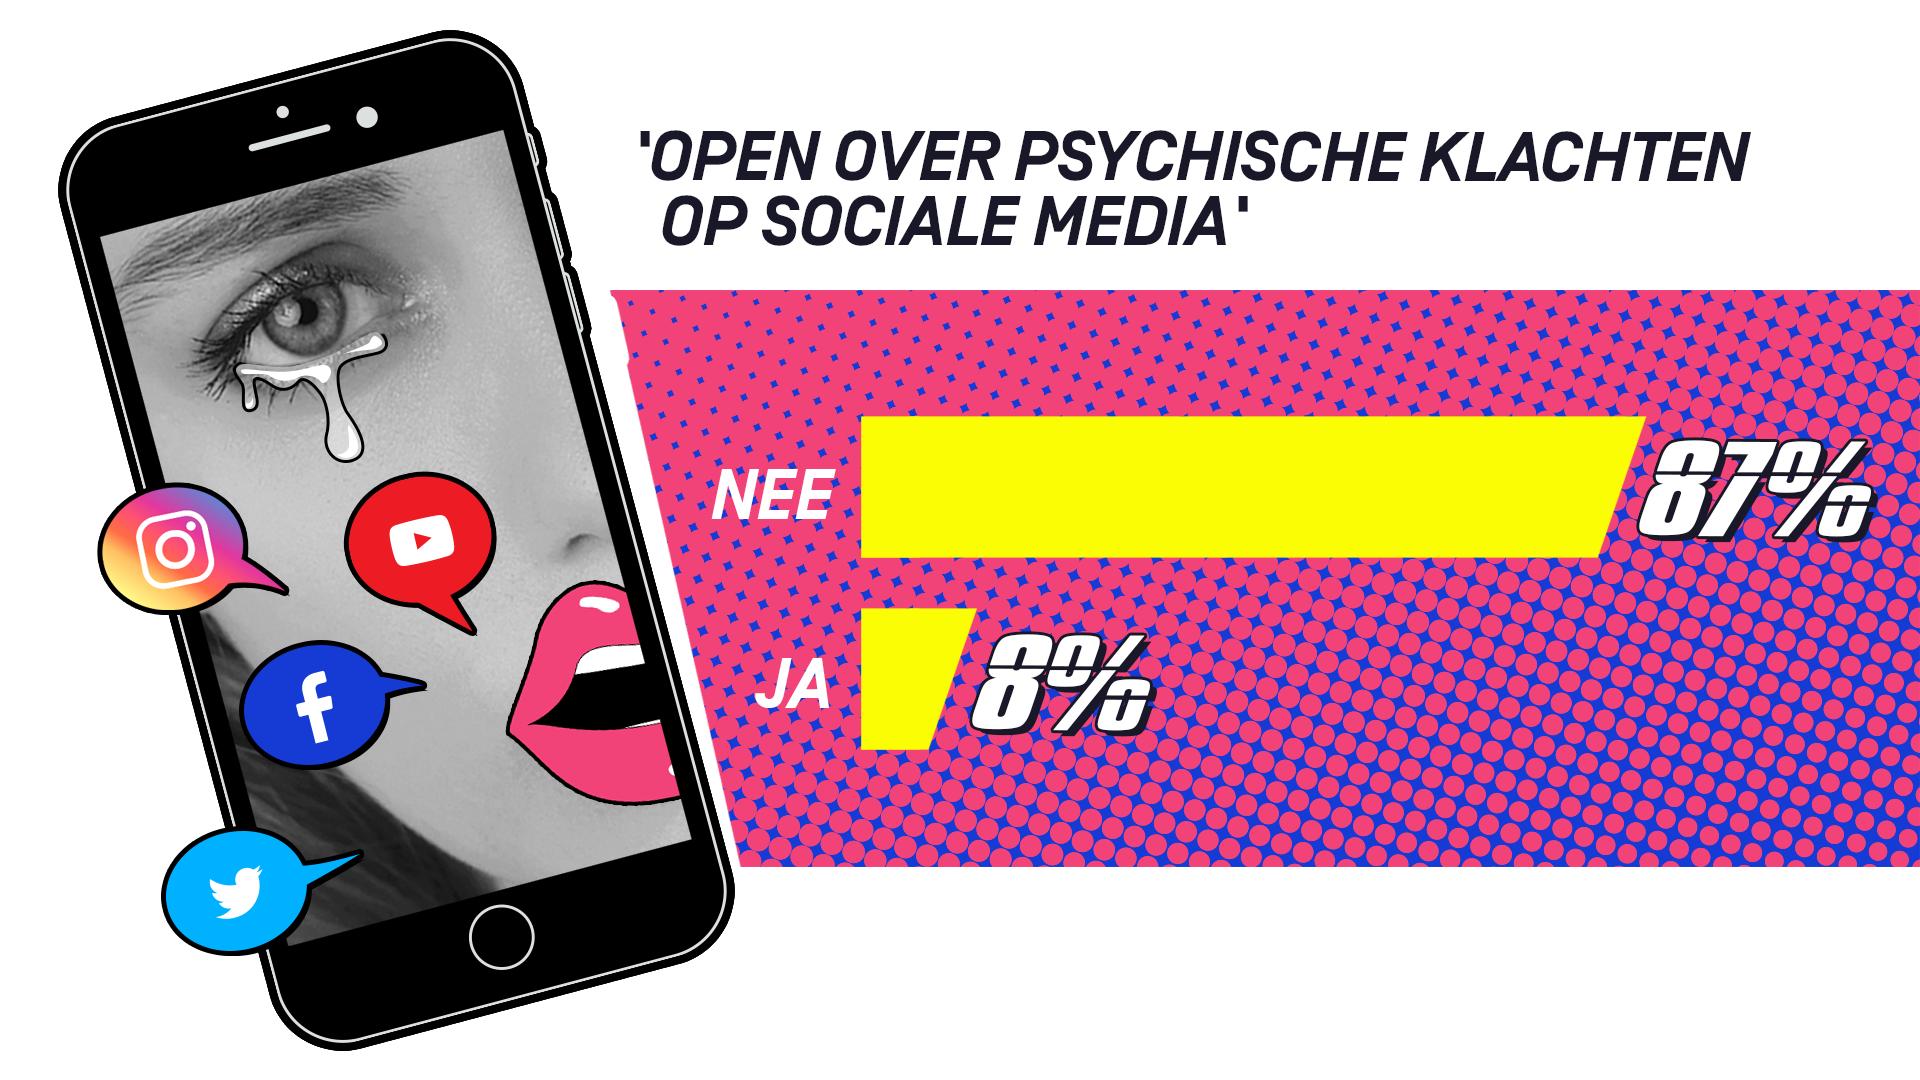 3 VRAAGT Social media Psychische problemen 3 1583326911